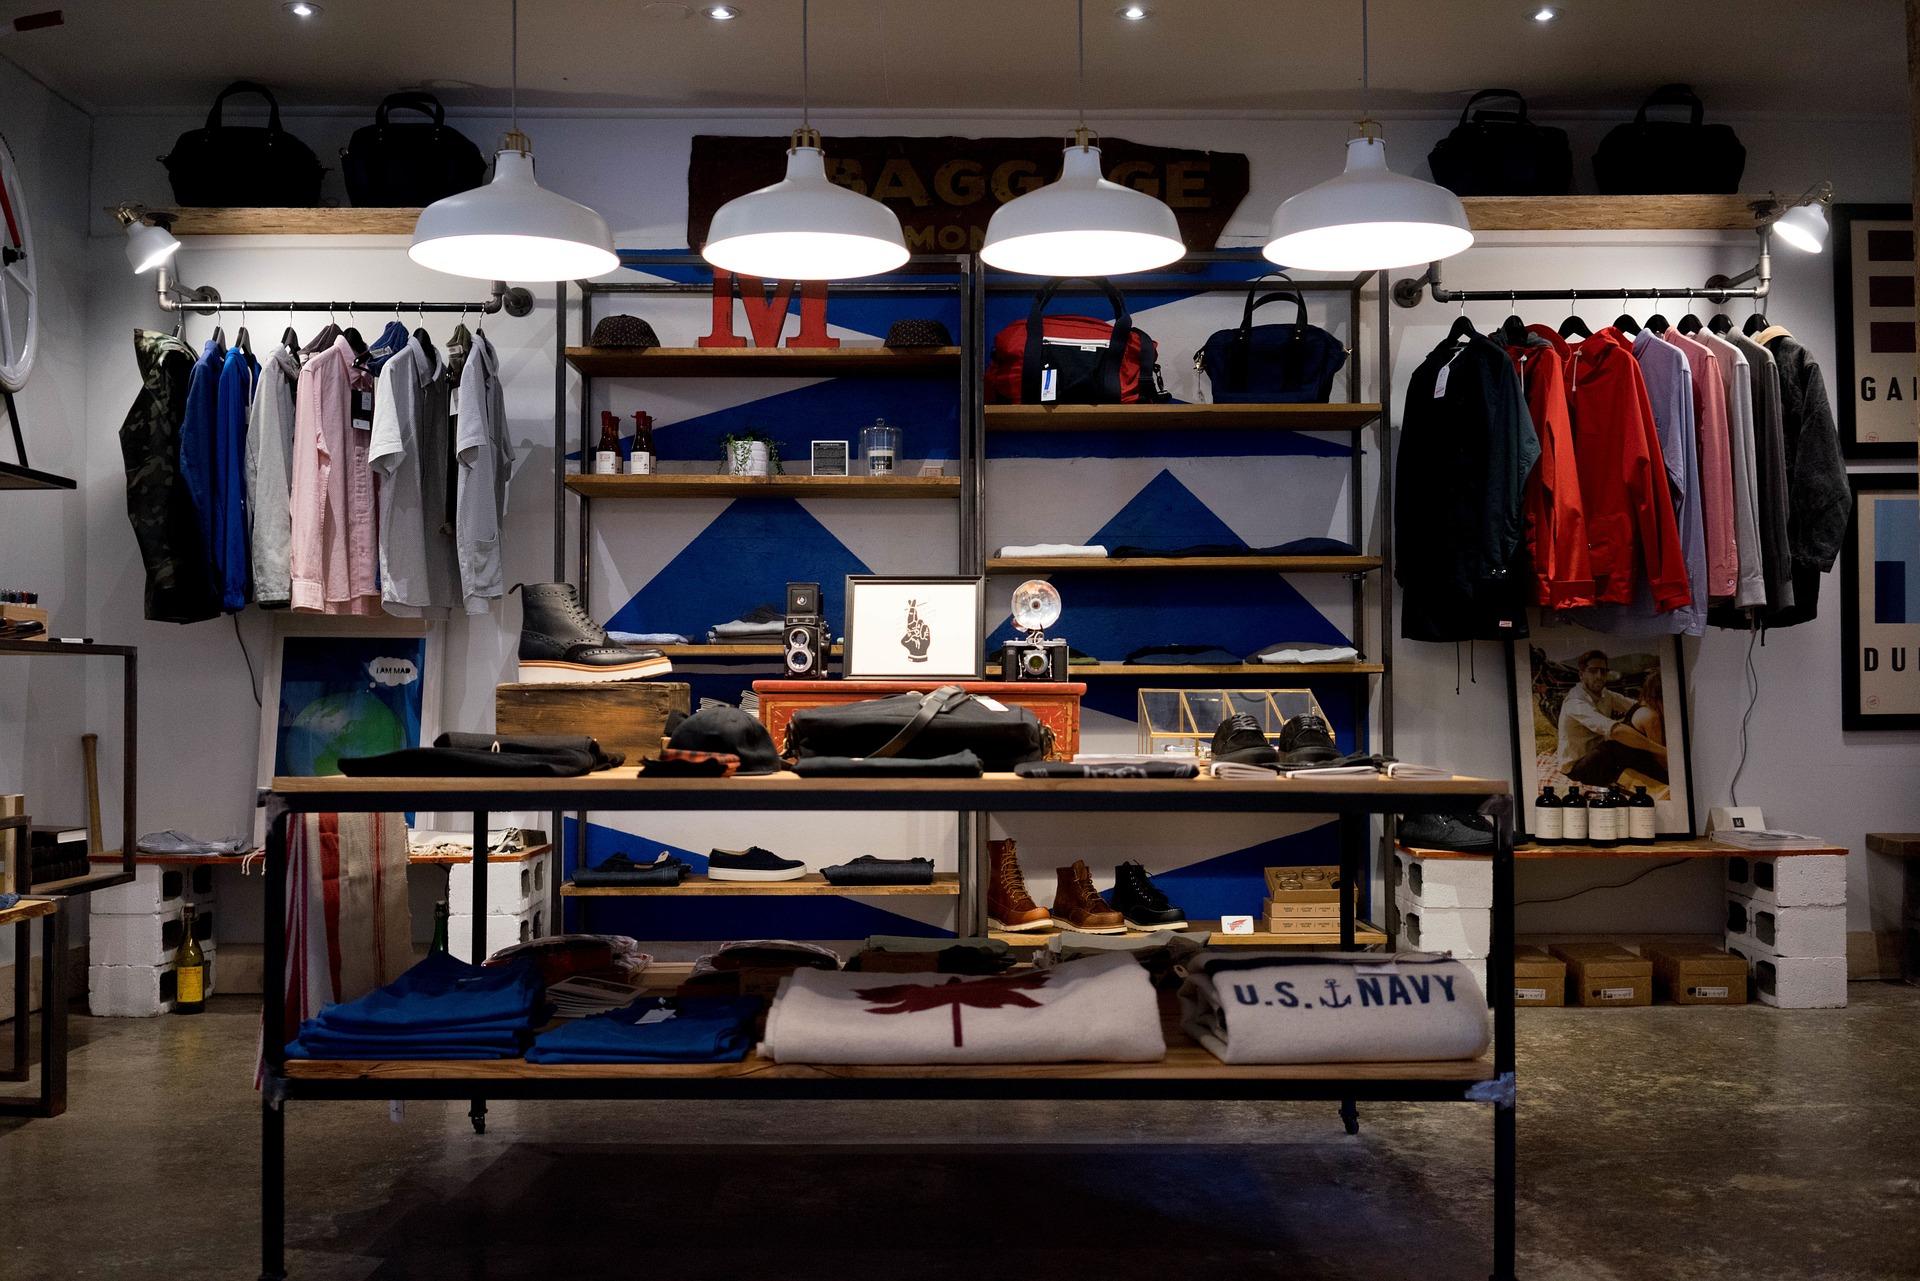 Tarjeta Shopping: ¿Cómo Solicitar Tarjeta Shopping?